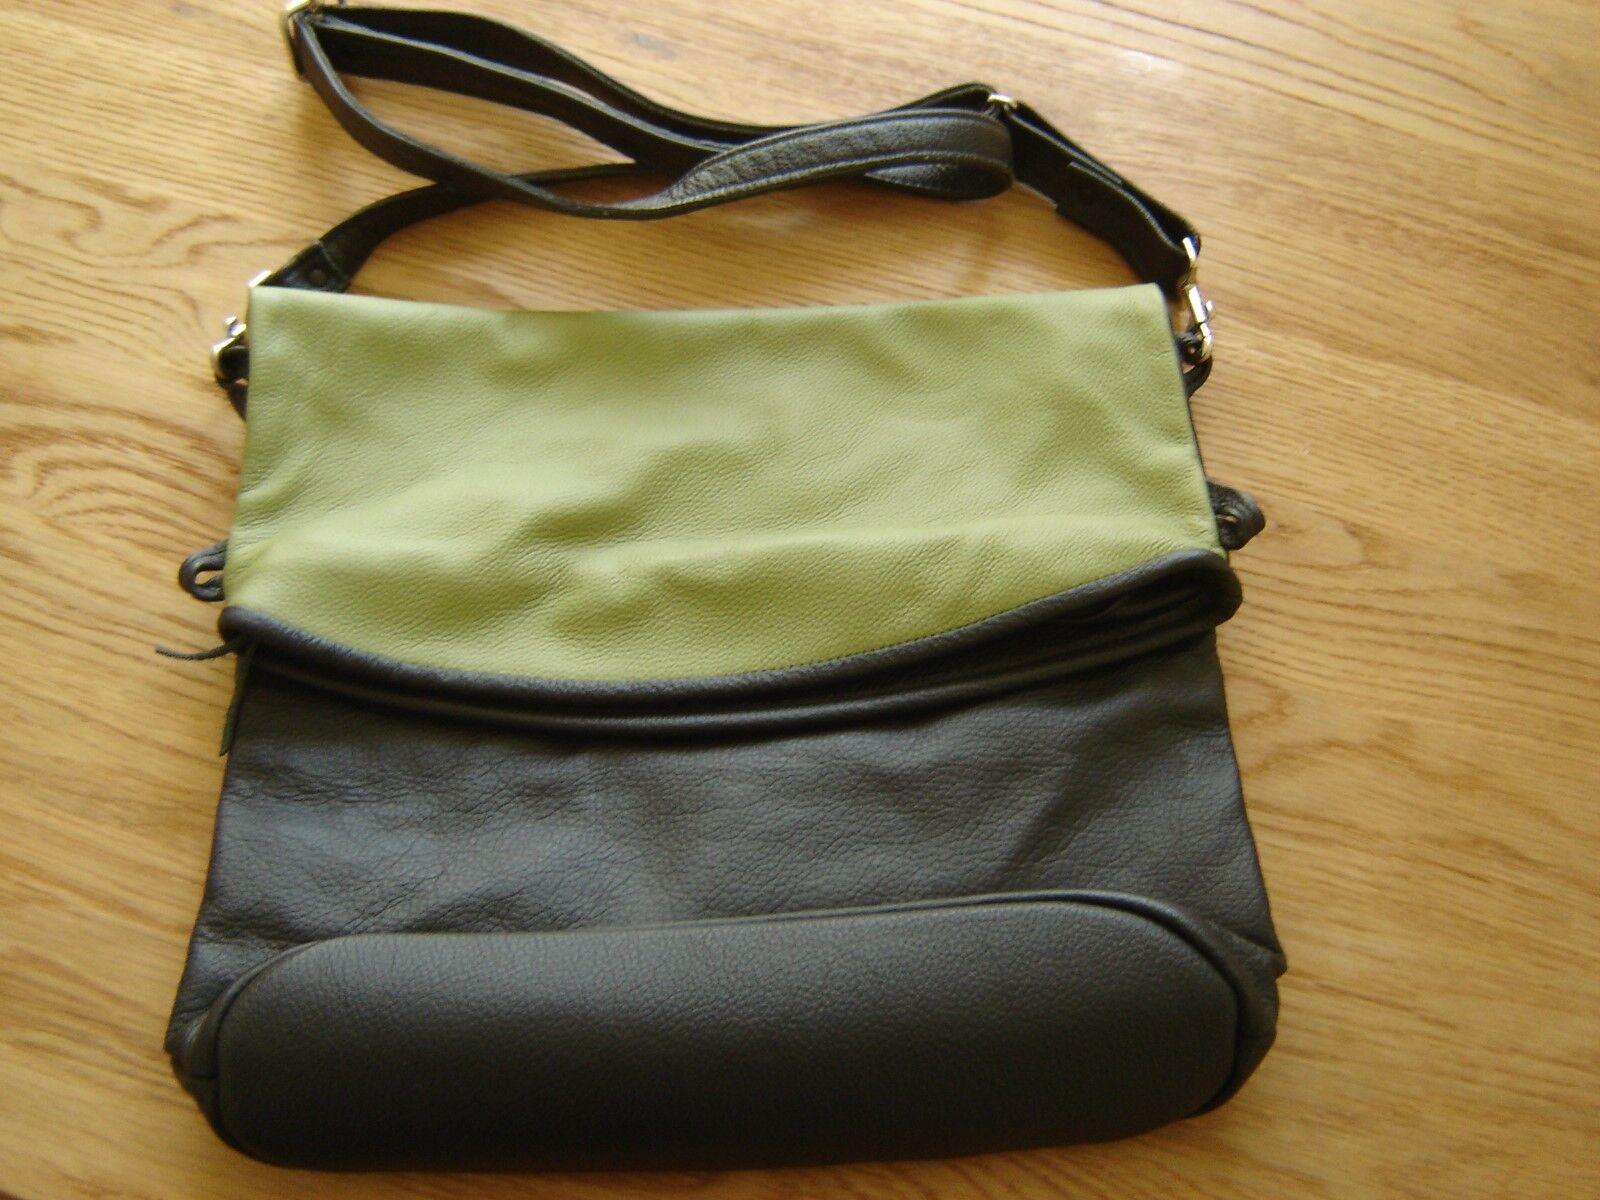 Handtasche   Tasche Leder braun grün 30 48 x 32 cm - NEU - unbenutzt | Online Shop Europe